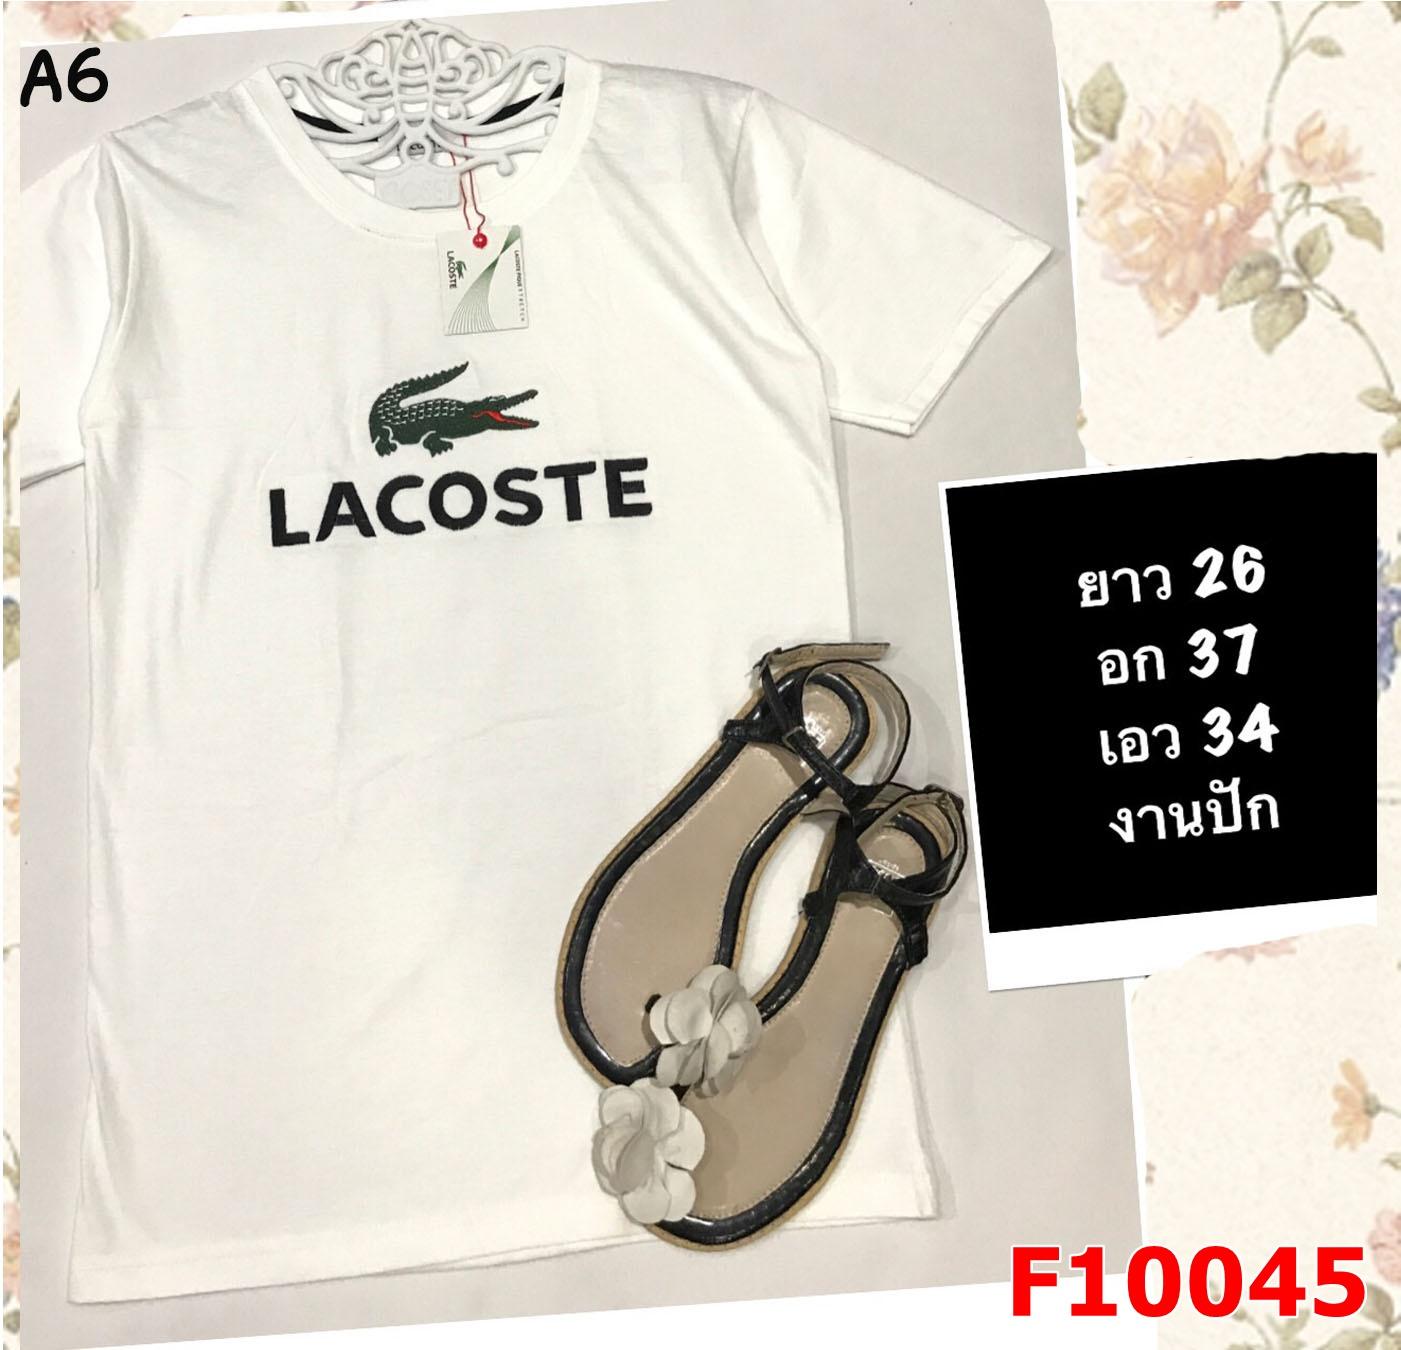 F10045 เสื้อยืด แขนสั้น ปักอก ลาย LACOSTE สีขาว